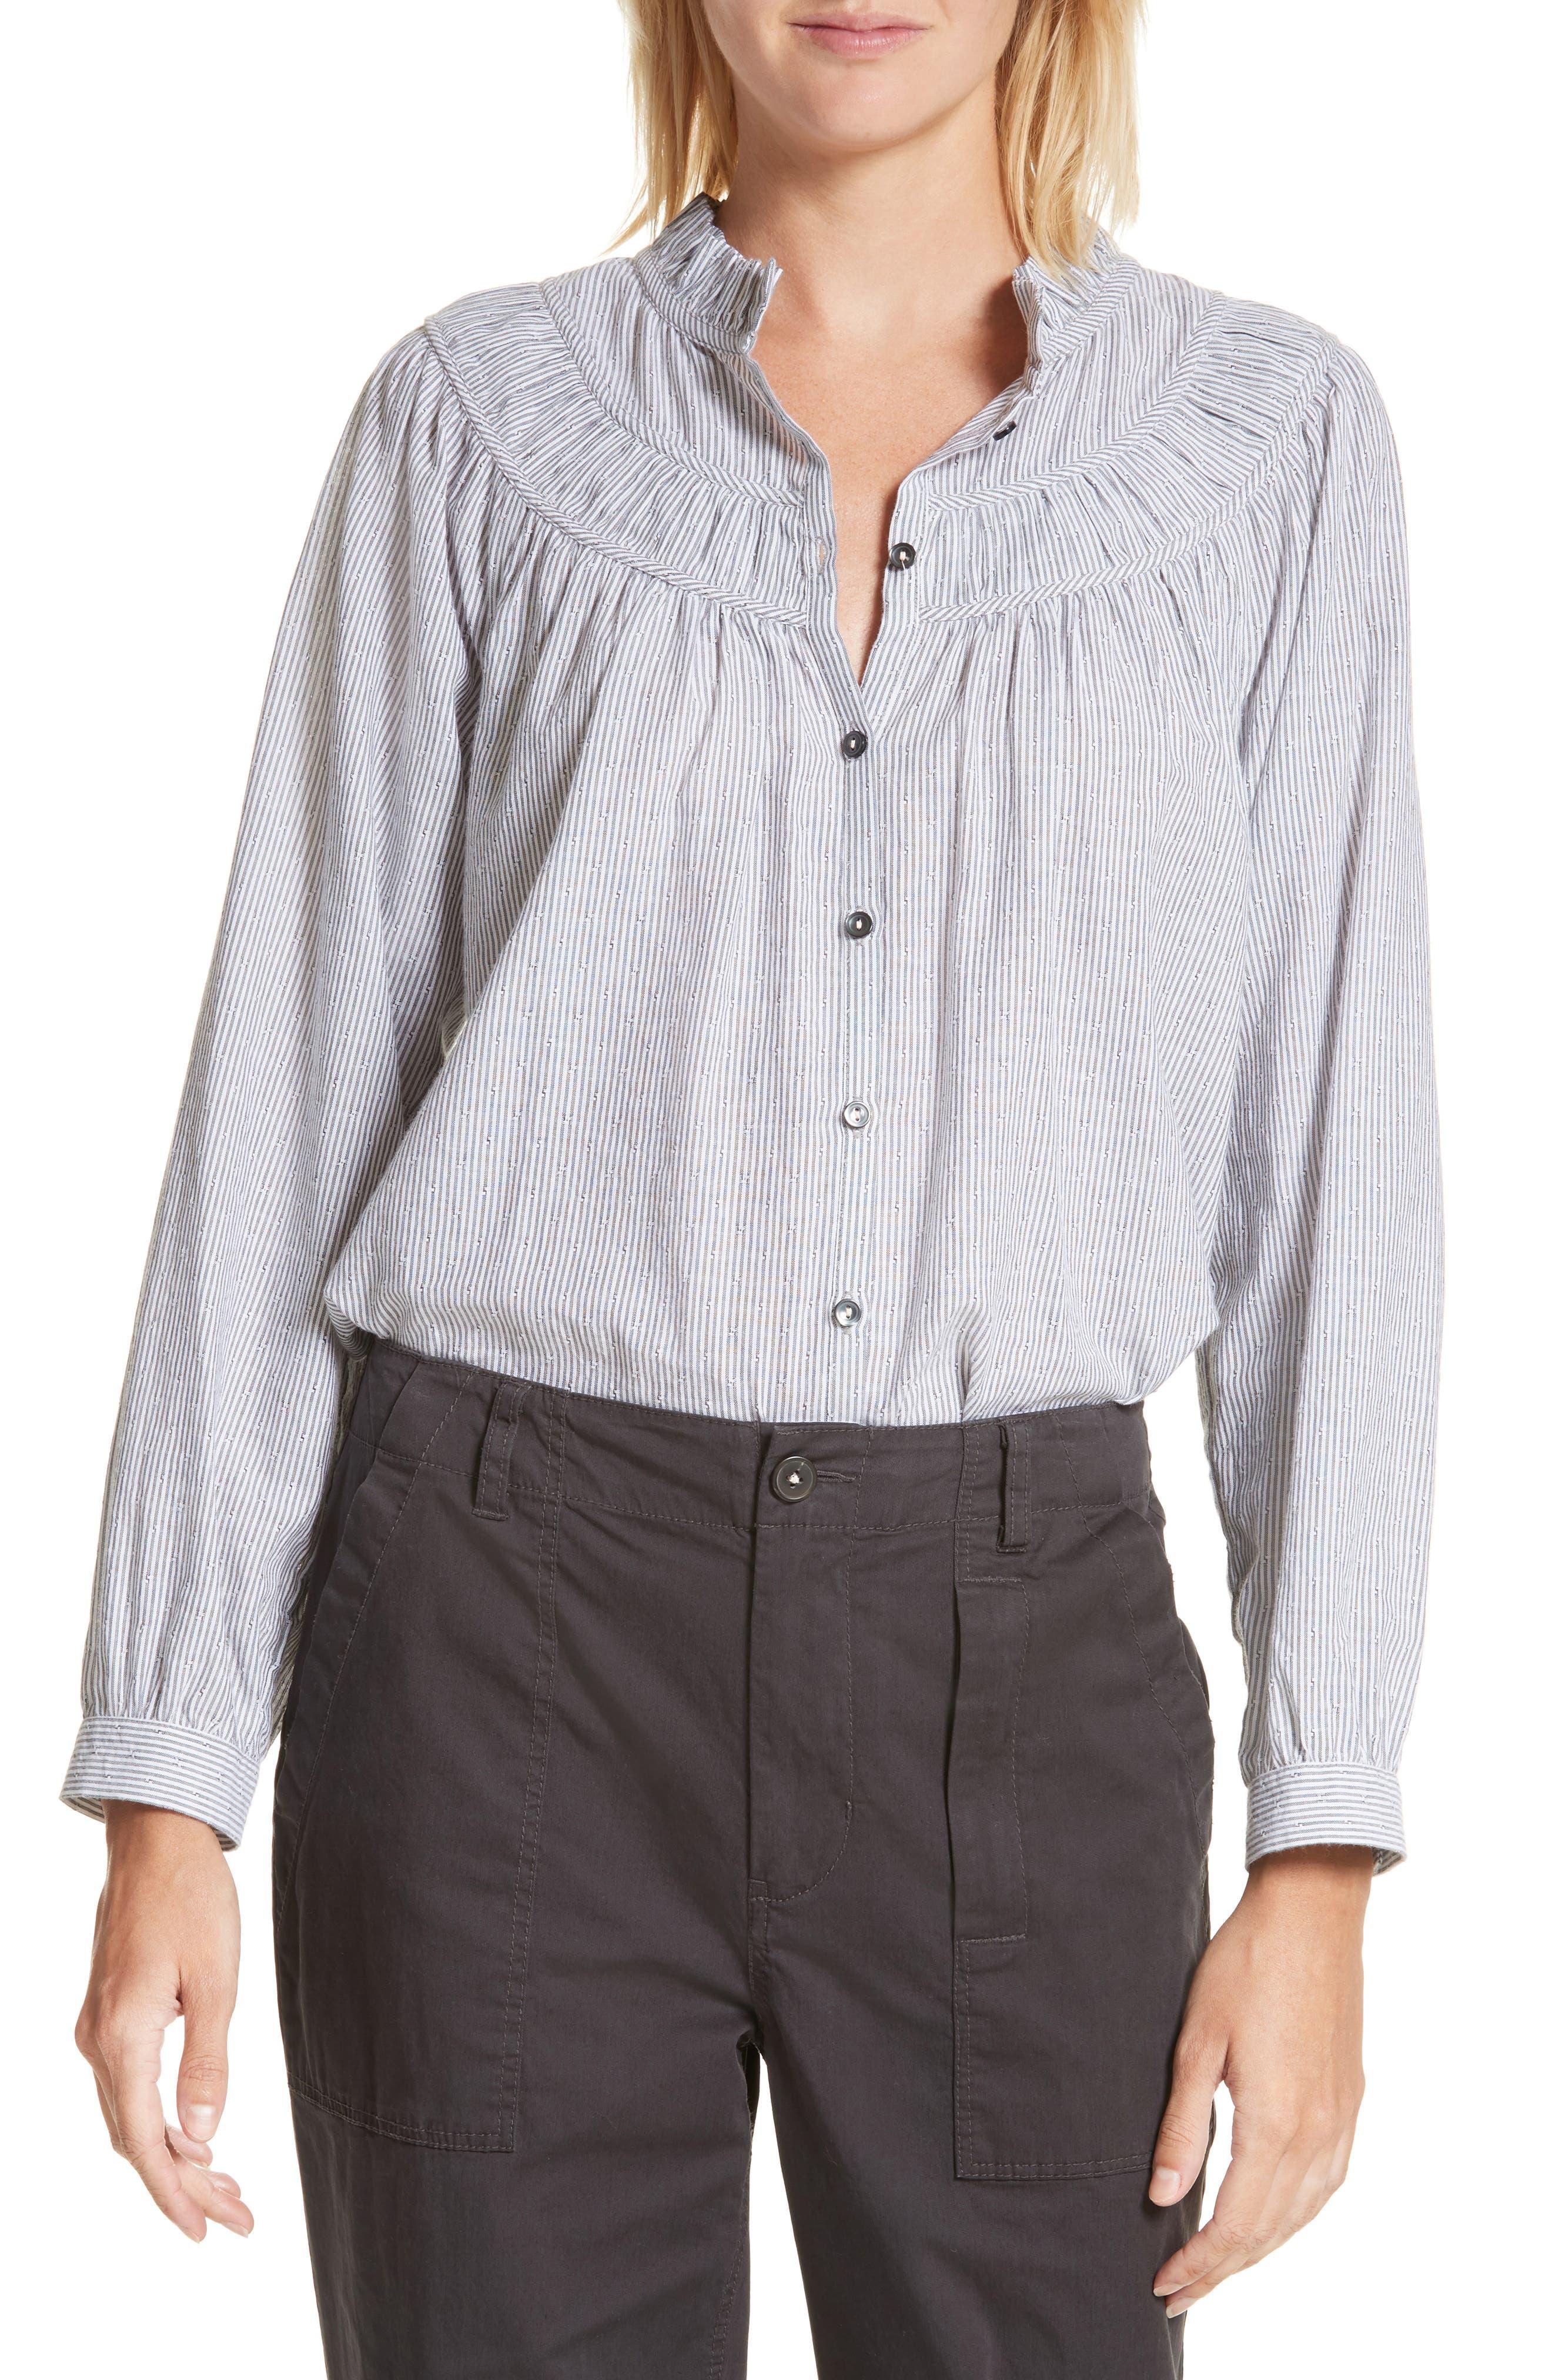 Alternate Image 1 Selected - La Vie Rebecca Taylor Stripe Long Sleeve Ruffle Shirt